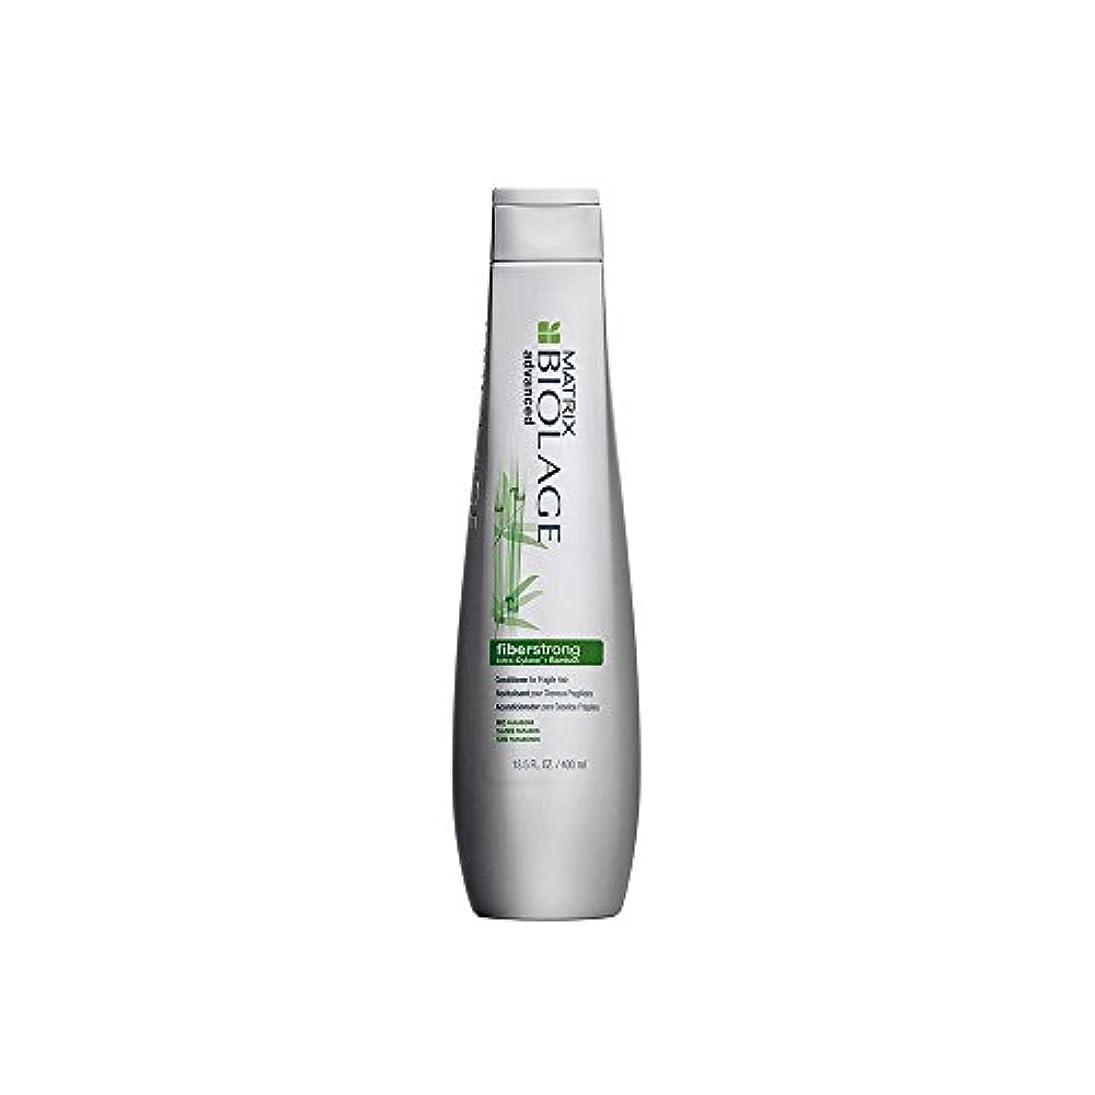 素朴な寝室を掃除するインポートマトリックス Biolage Advanced FiberStrong Conditioner (For Fragile Hair) 1732272 400ml [海外直送品]